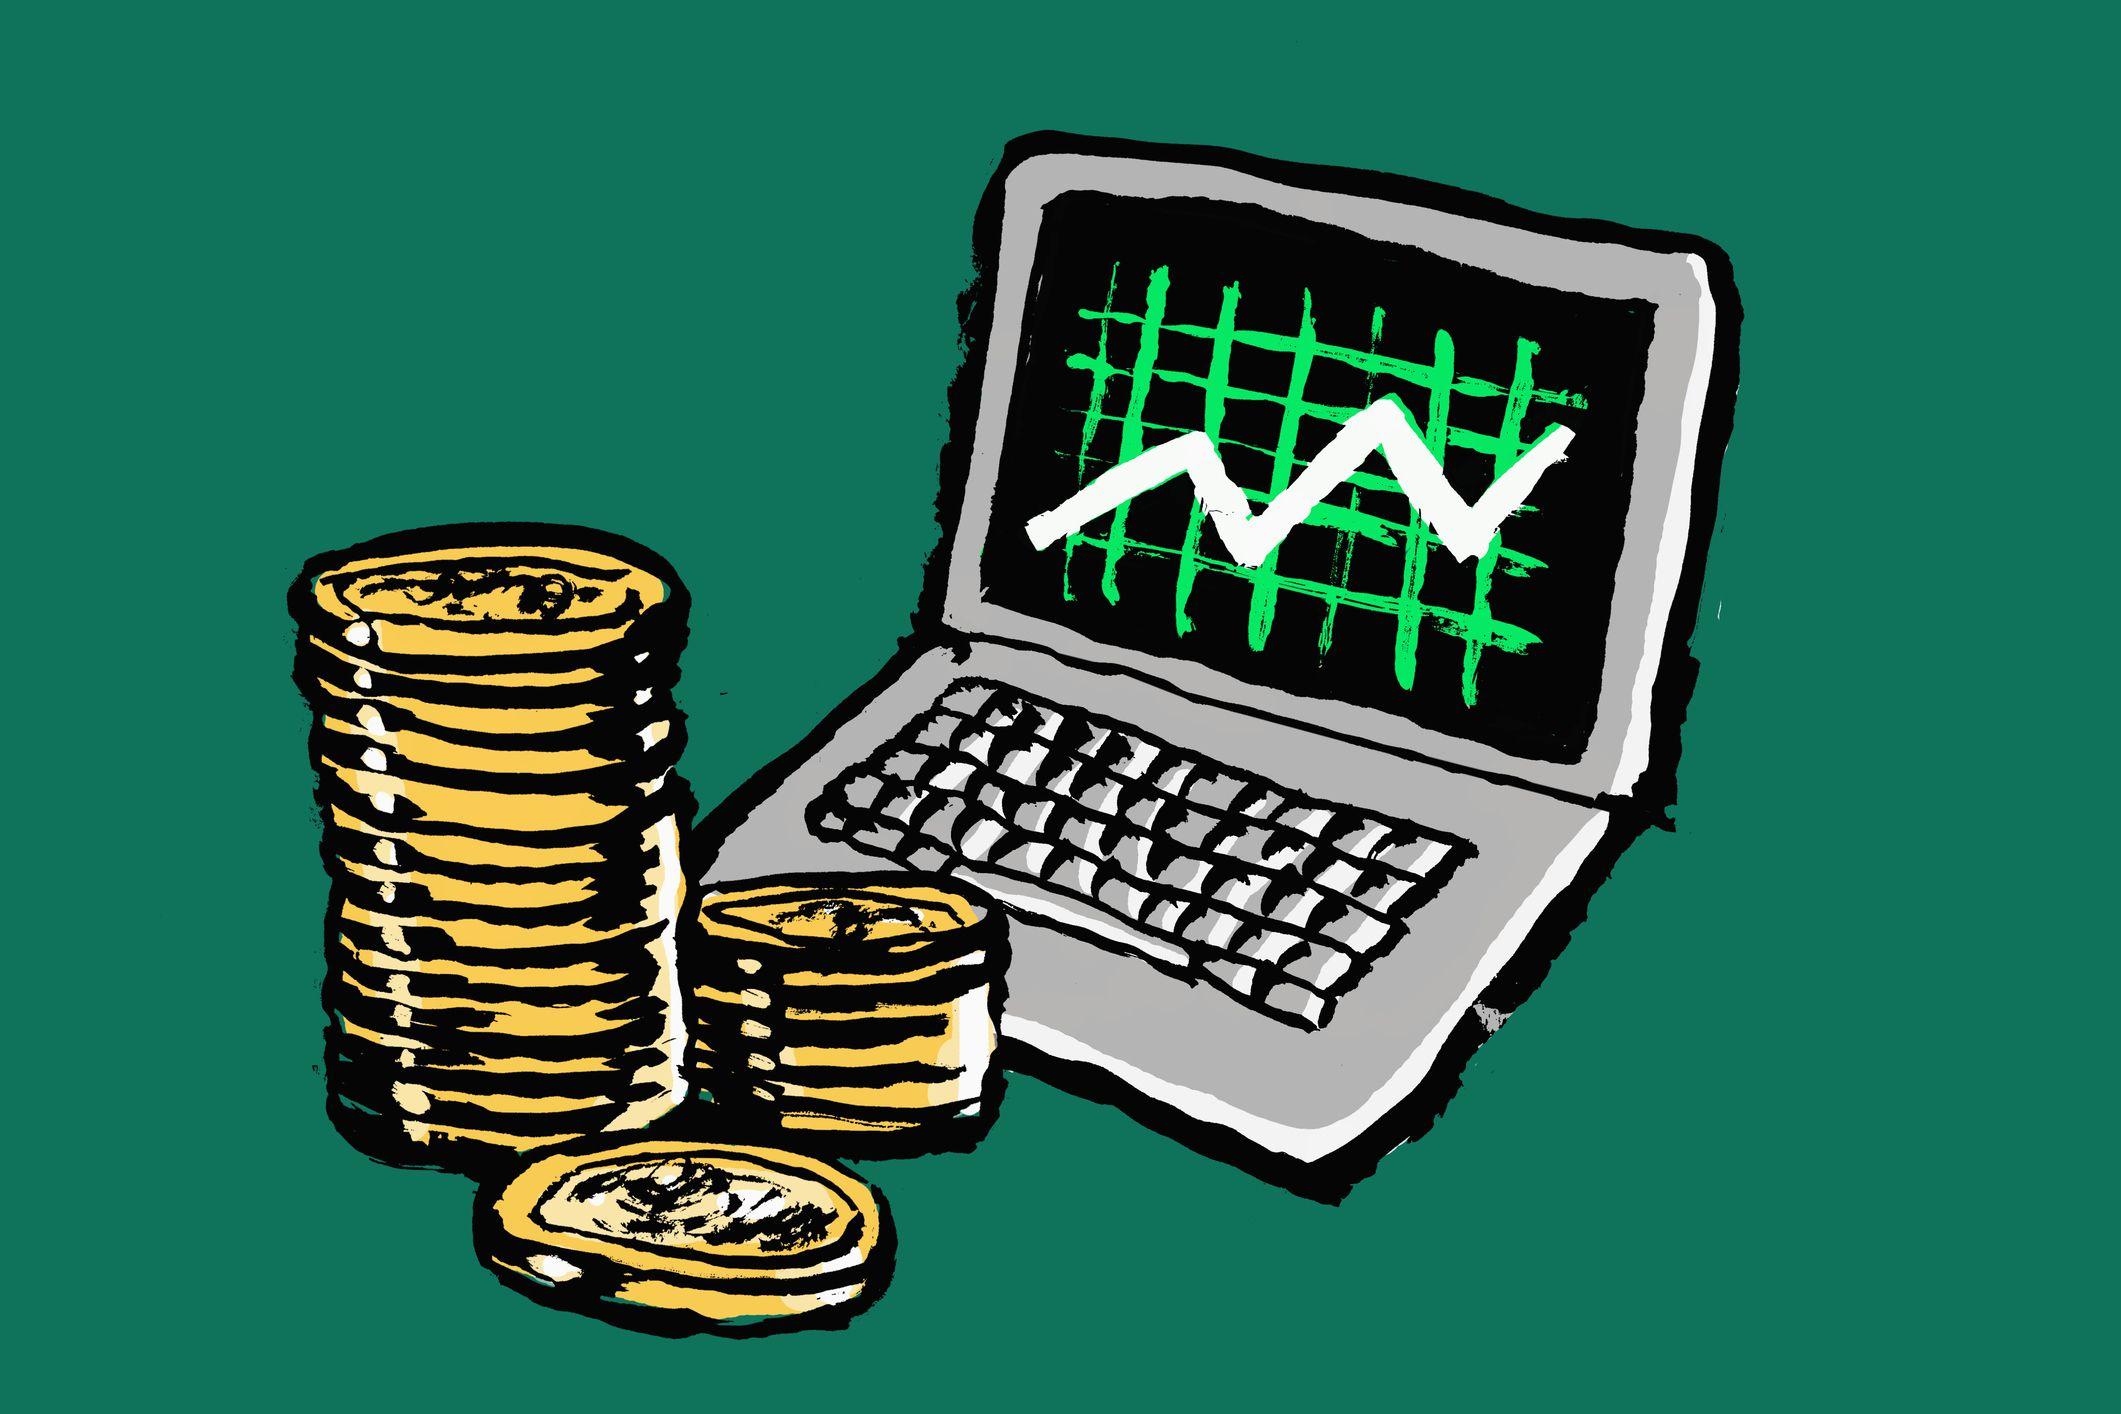 Работа через интернет на компьютере график и деньги